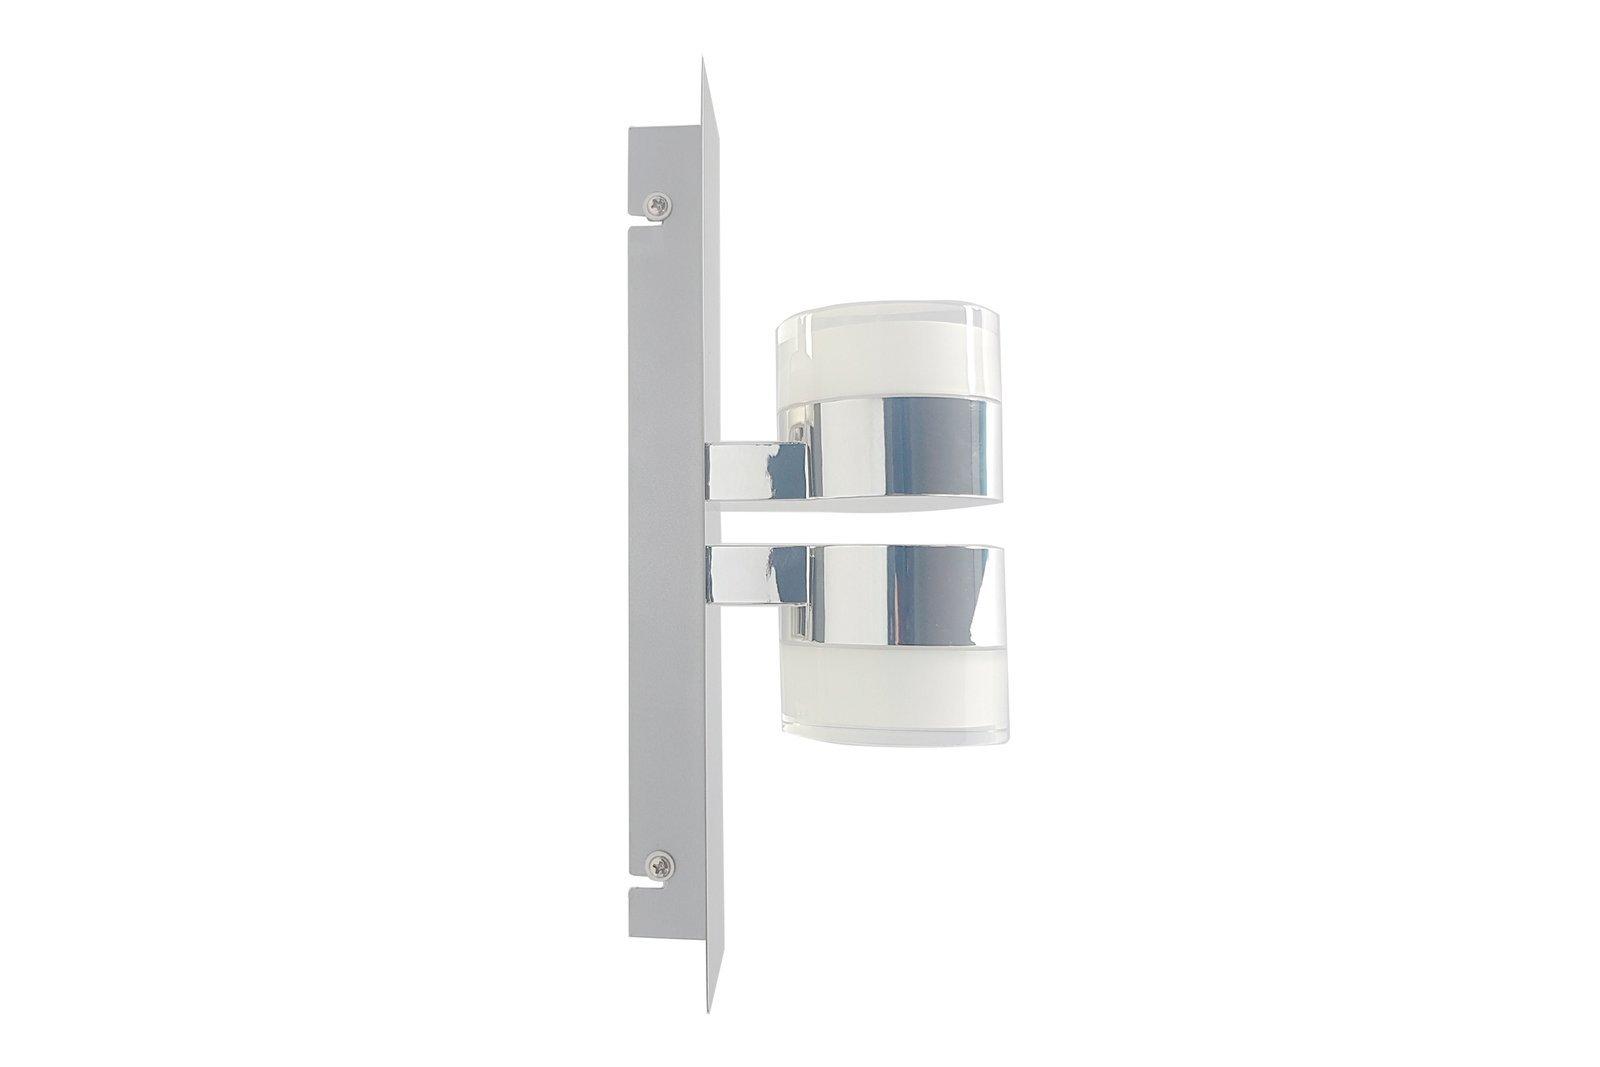 Briloner bathroom wall lamp 2231-028 Surf 2x 5W LED